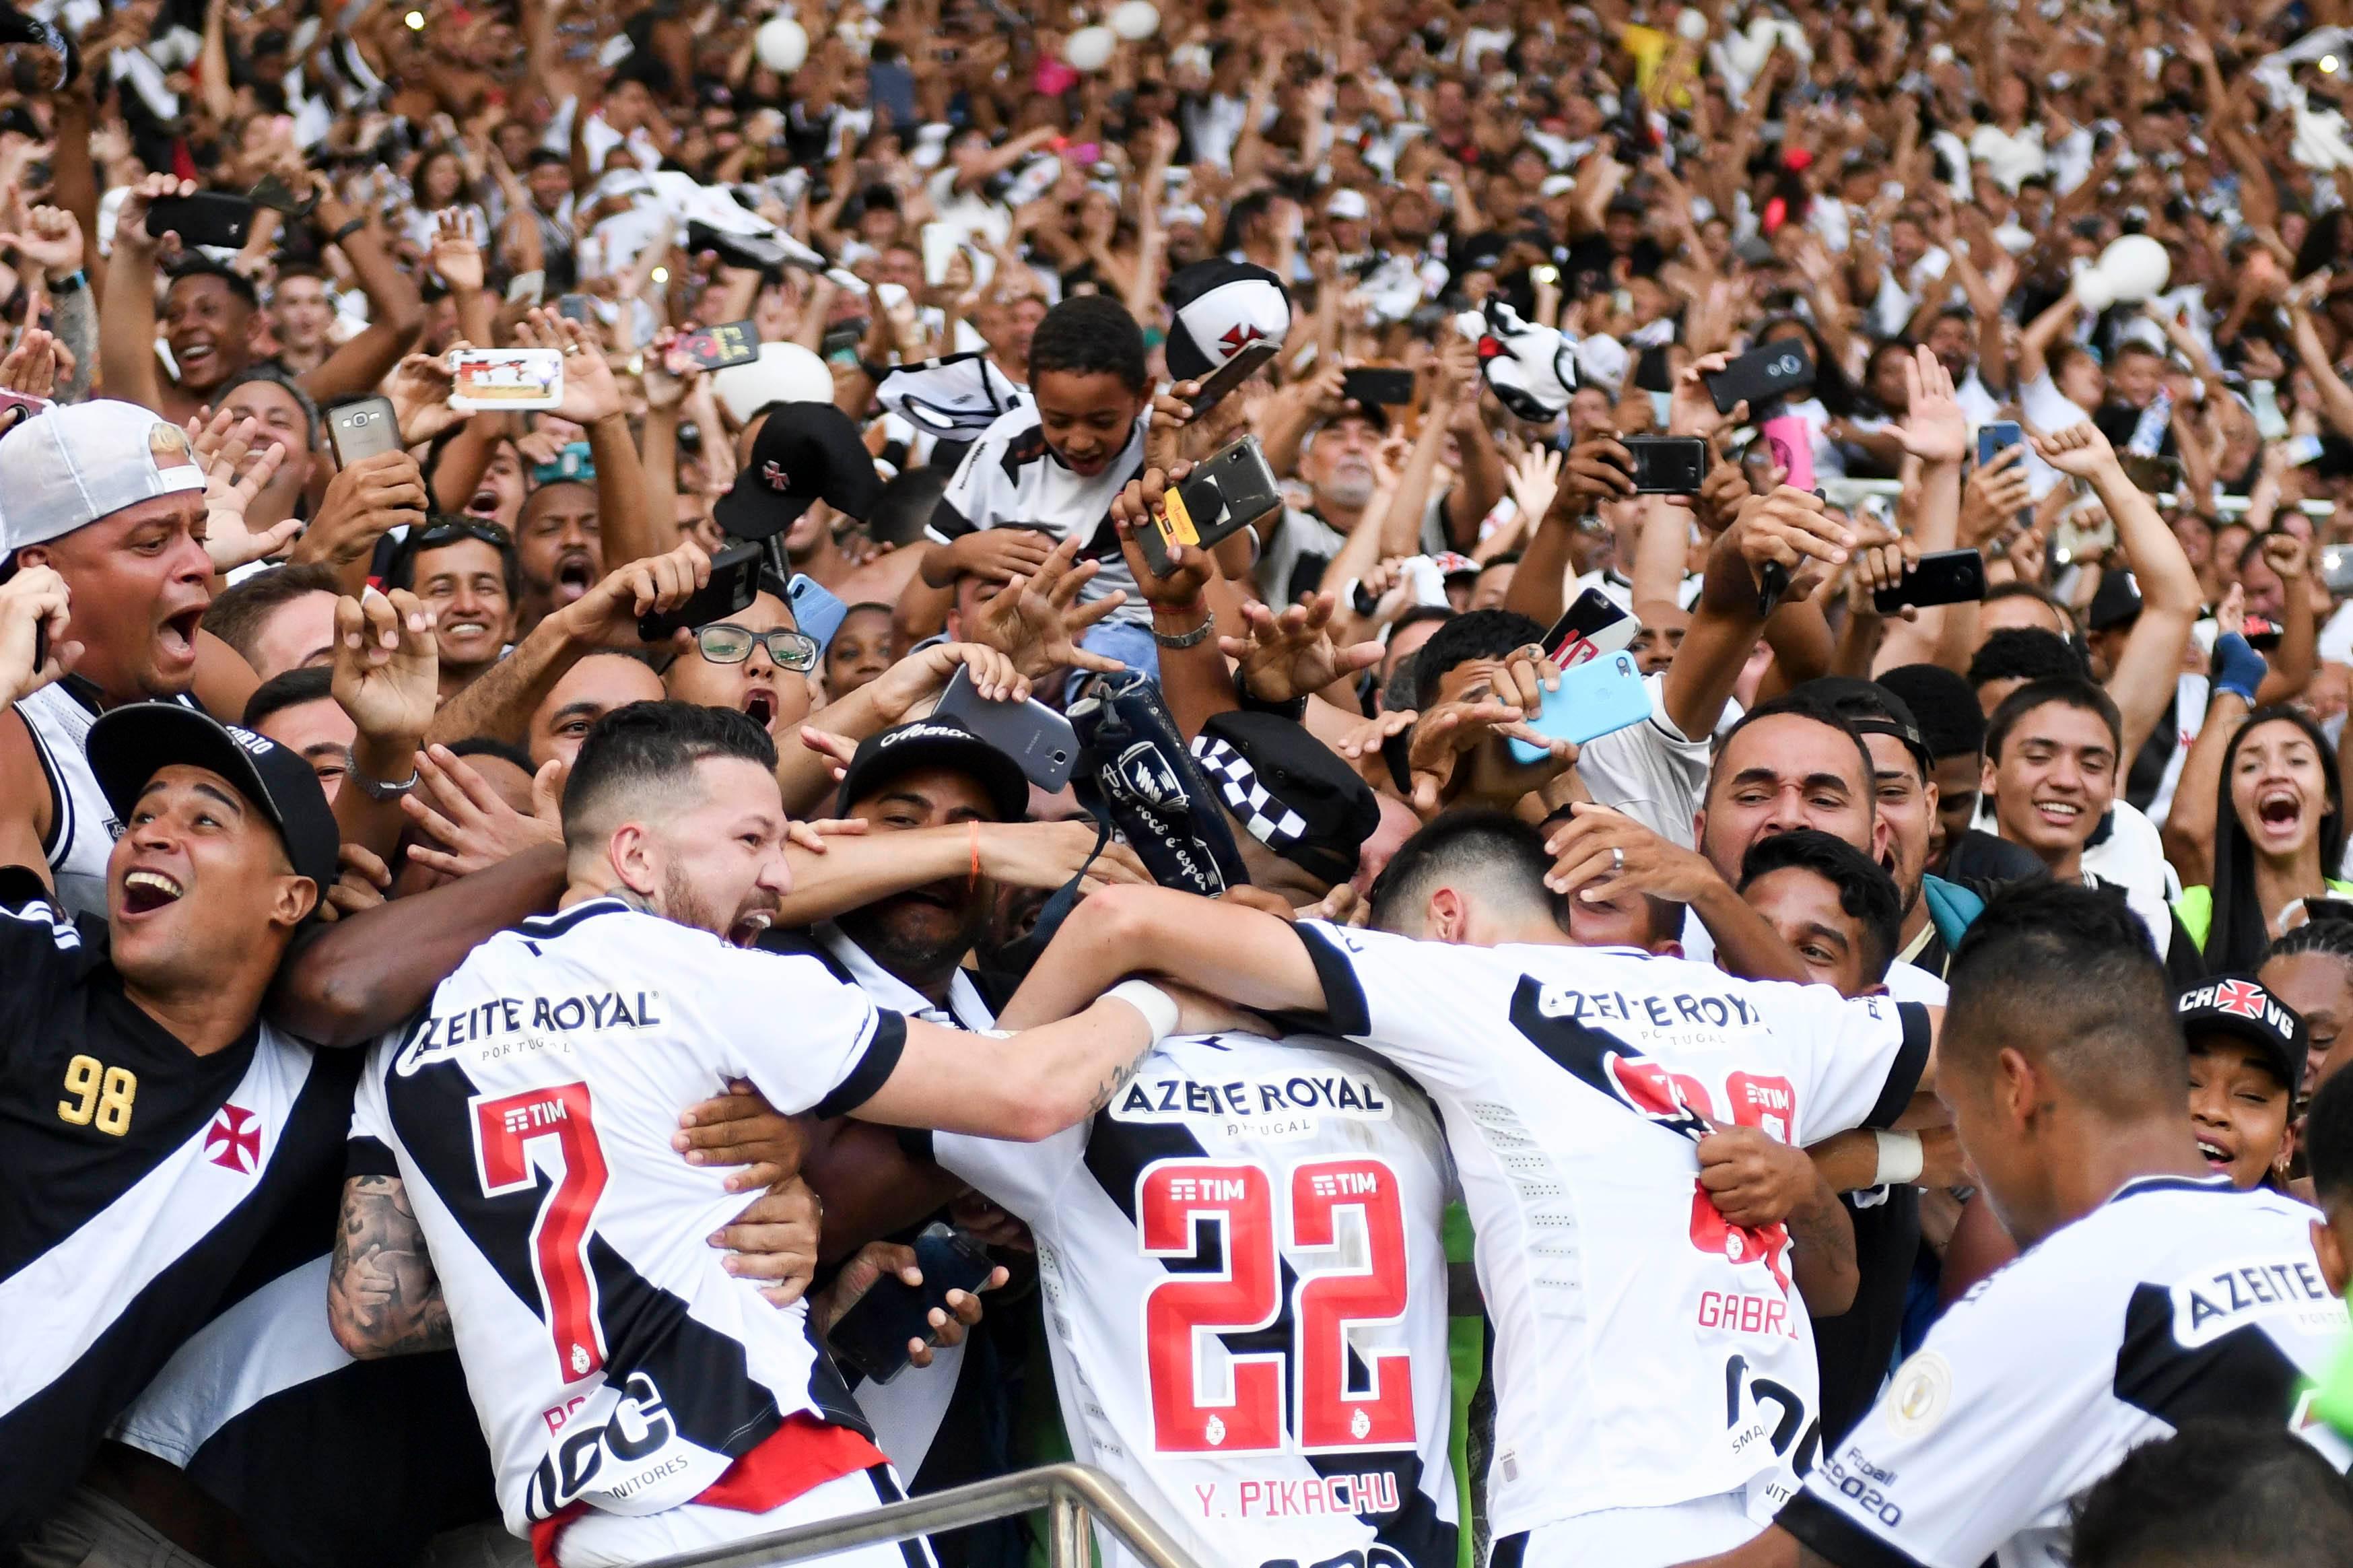 Foto: Celso Pupo/Estadão Conteúdo